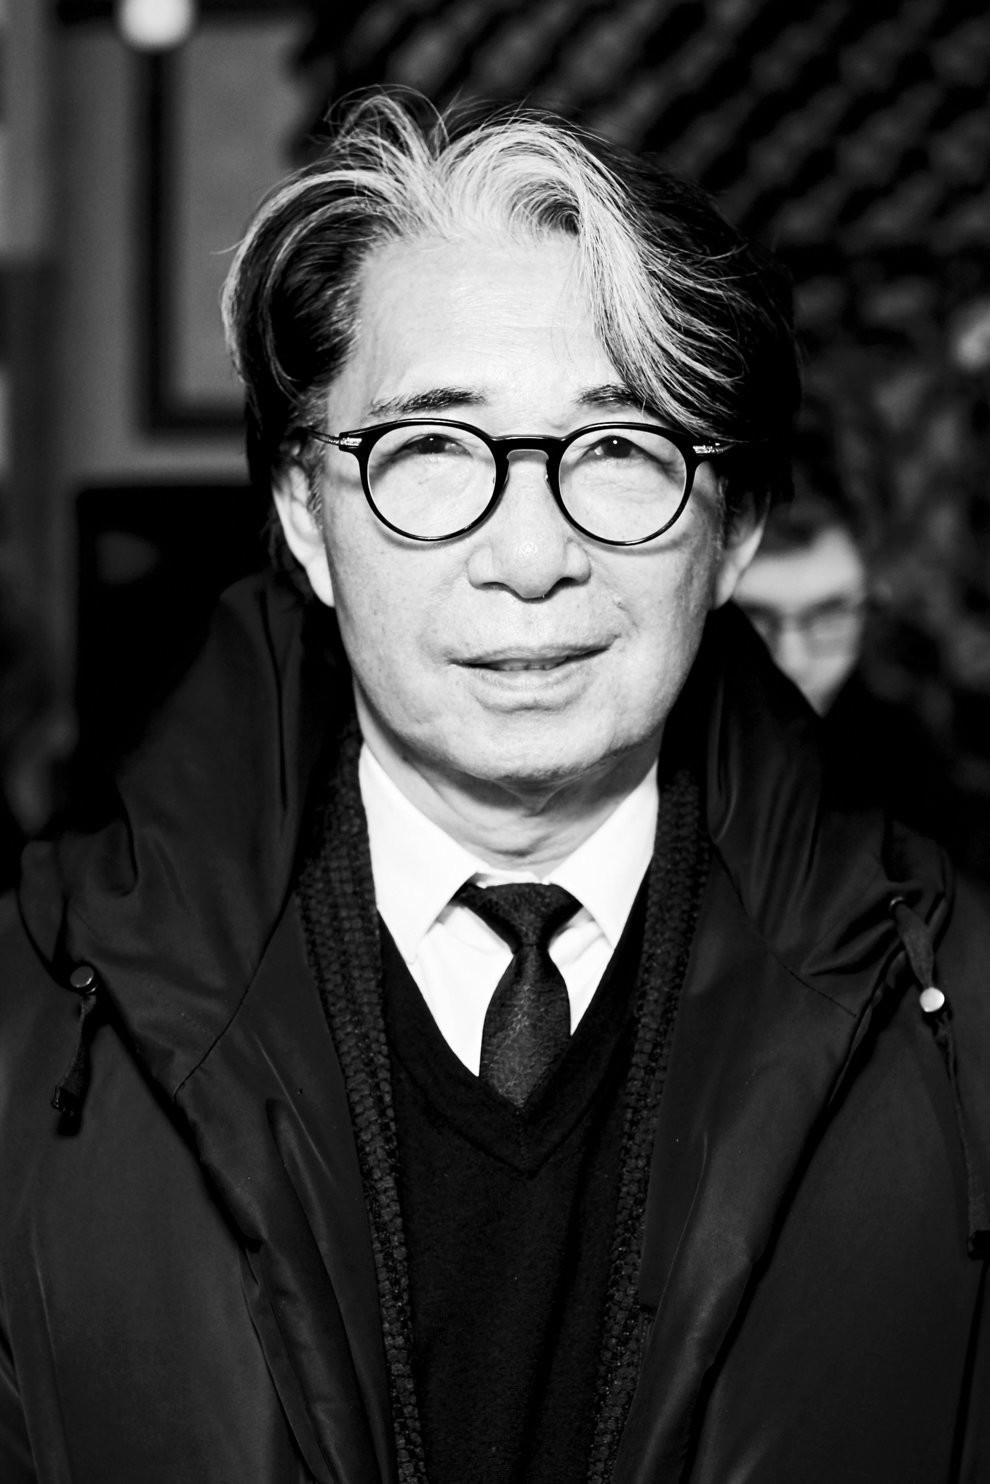 Вспоминаем Кензо Такаду: интересные факты и гениальные изобретения основателя бренда Kenzo (ФОТО) - фото №1